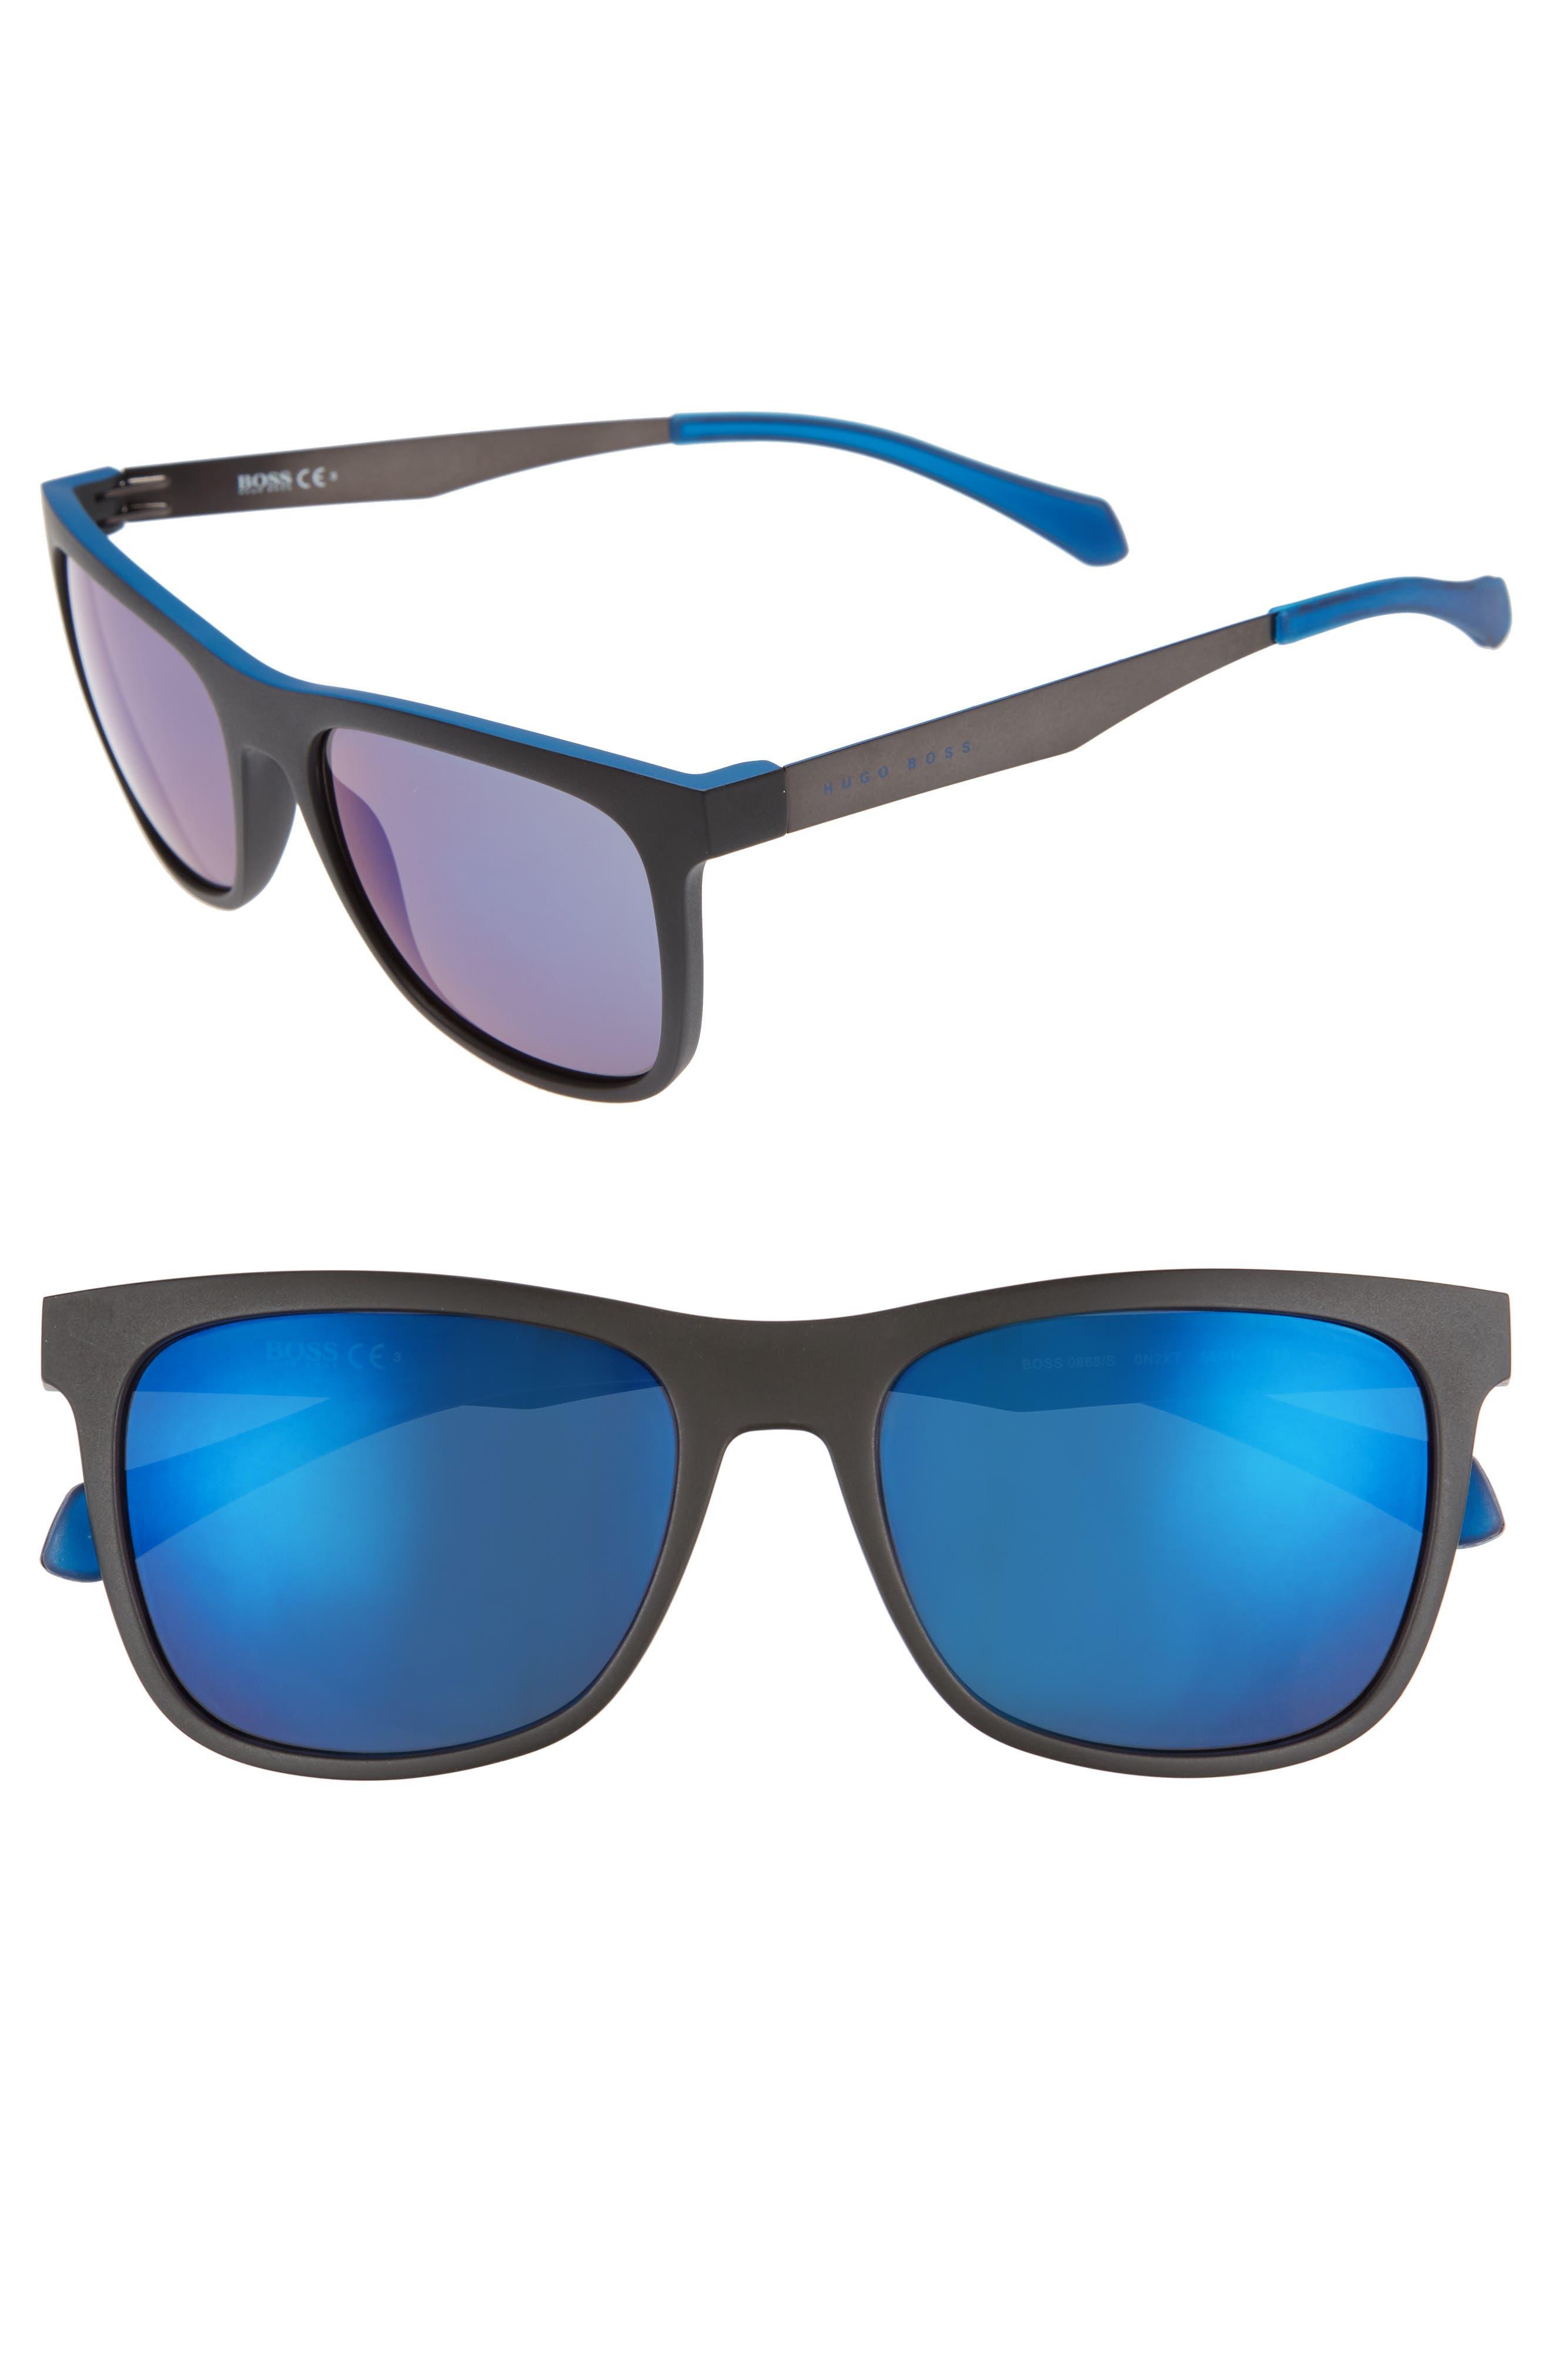 55mm Sunglasses,                         Main,                         color, Matte Black Blue/ Blue Sky